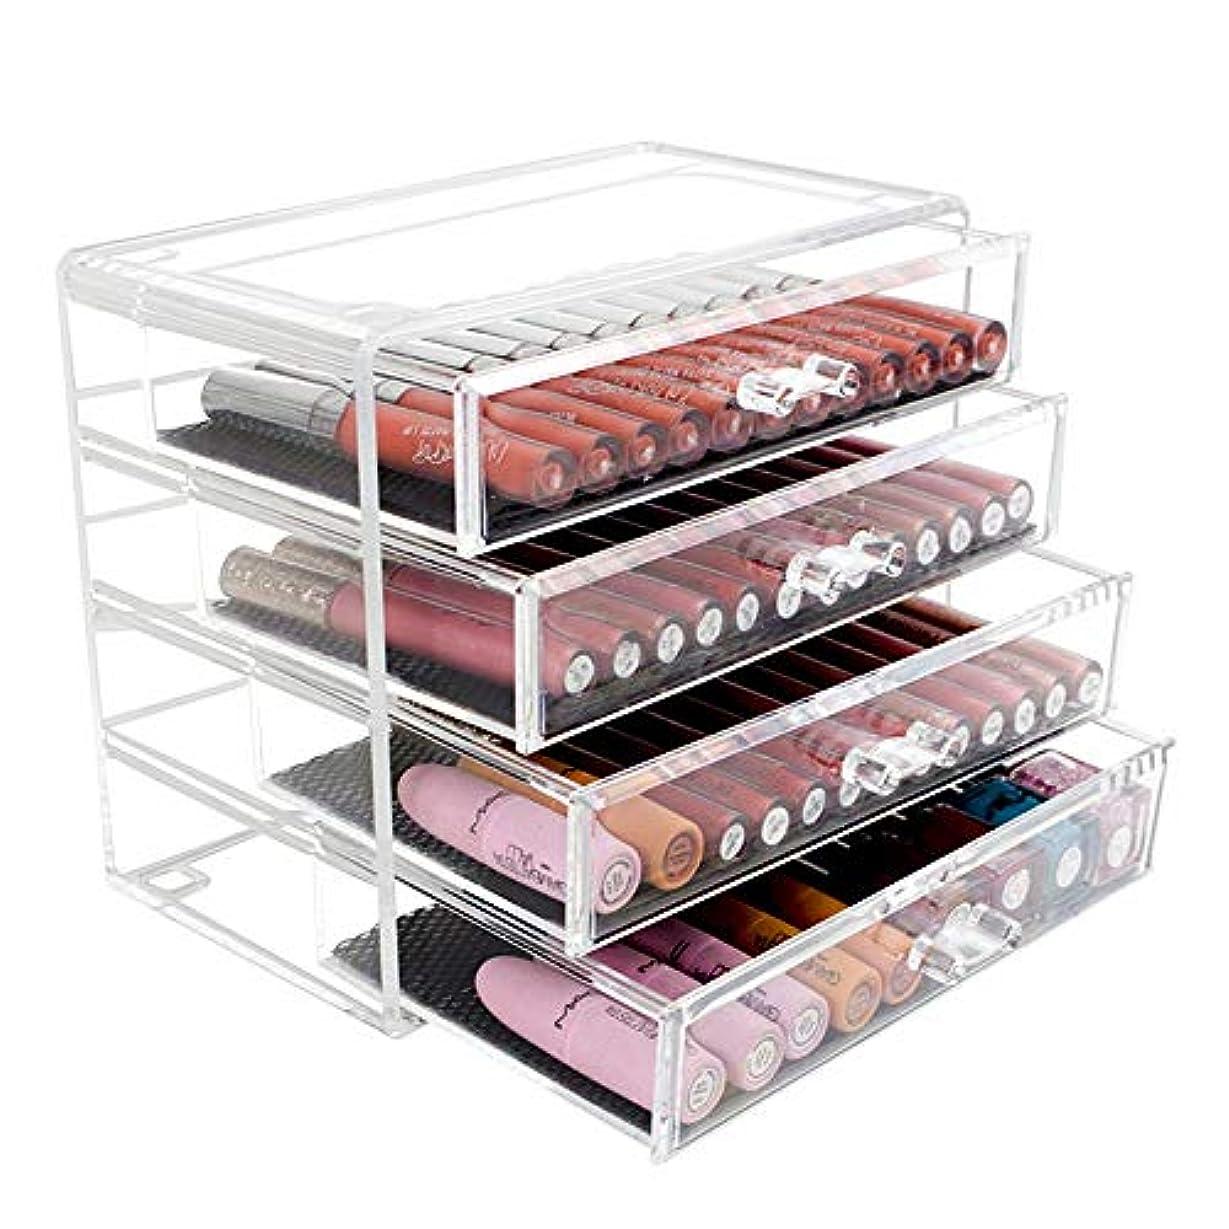 リングバッククロス株式整理簡単 シンプルなメイクアップジュエリー化粧品オーガナイザー4層メイクアップオーガナイザーディスプレイバニティケーススタンド (Color : Clear, Size : 23.7*13.5*19.5CM)